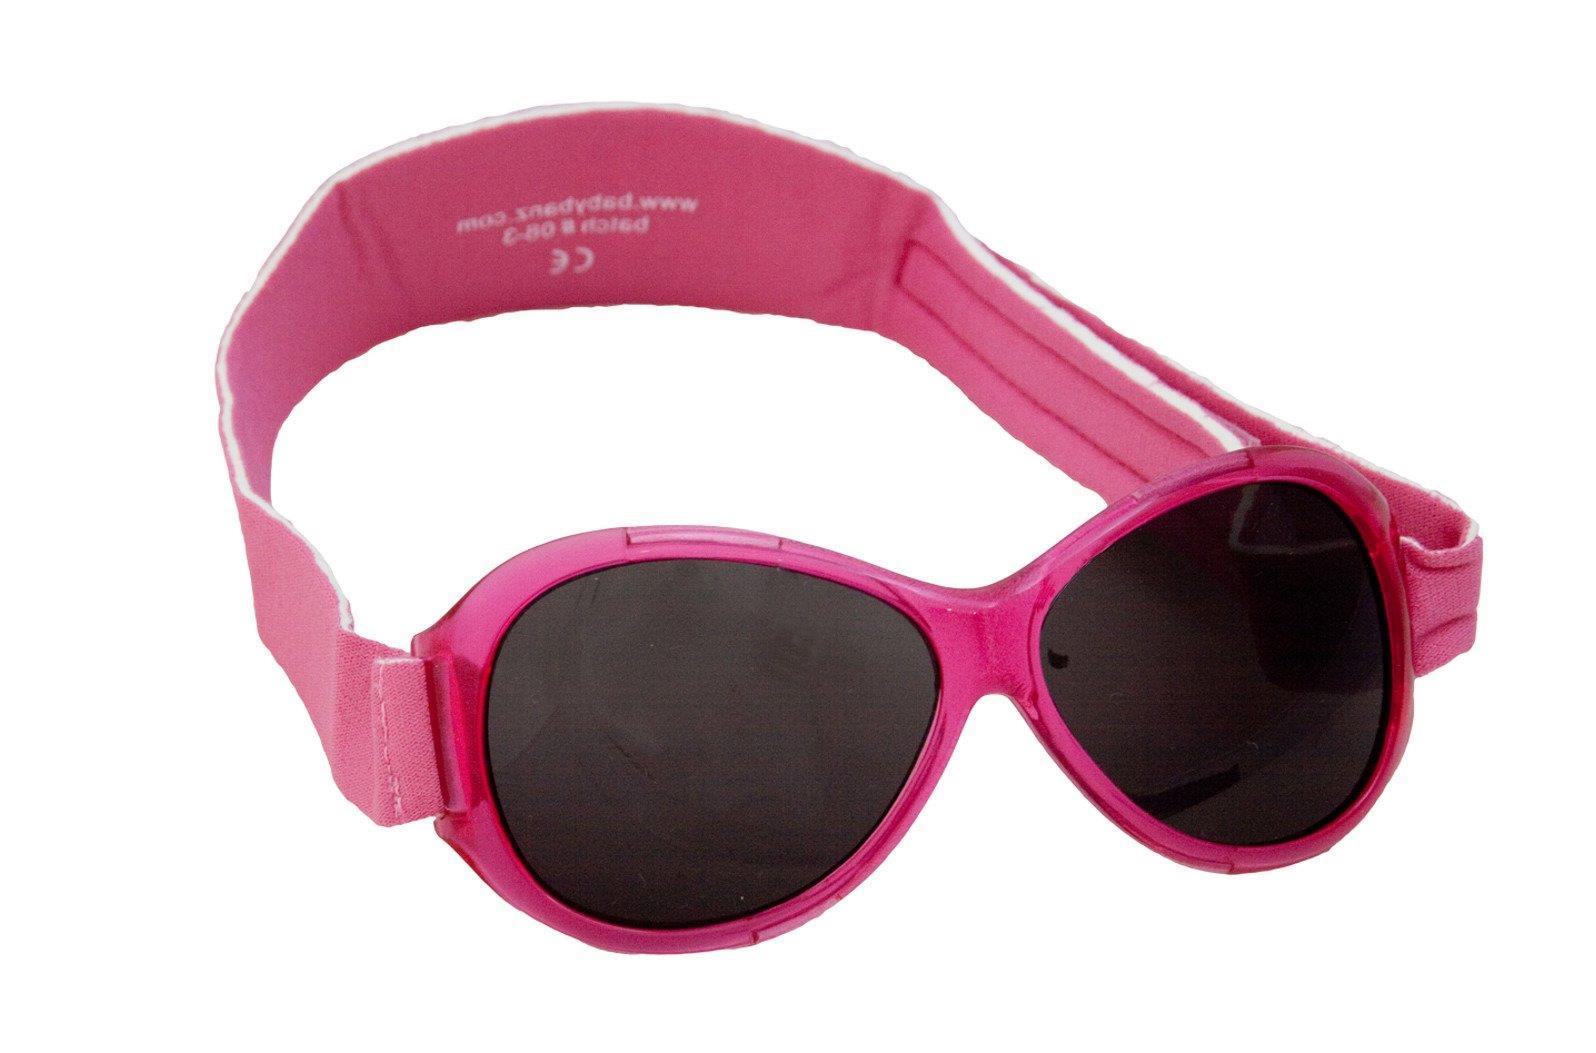 Okulary przeciwsłoneczne UV dzieci 2 5lat RETRO BANZ Pink